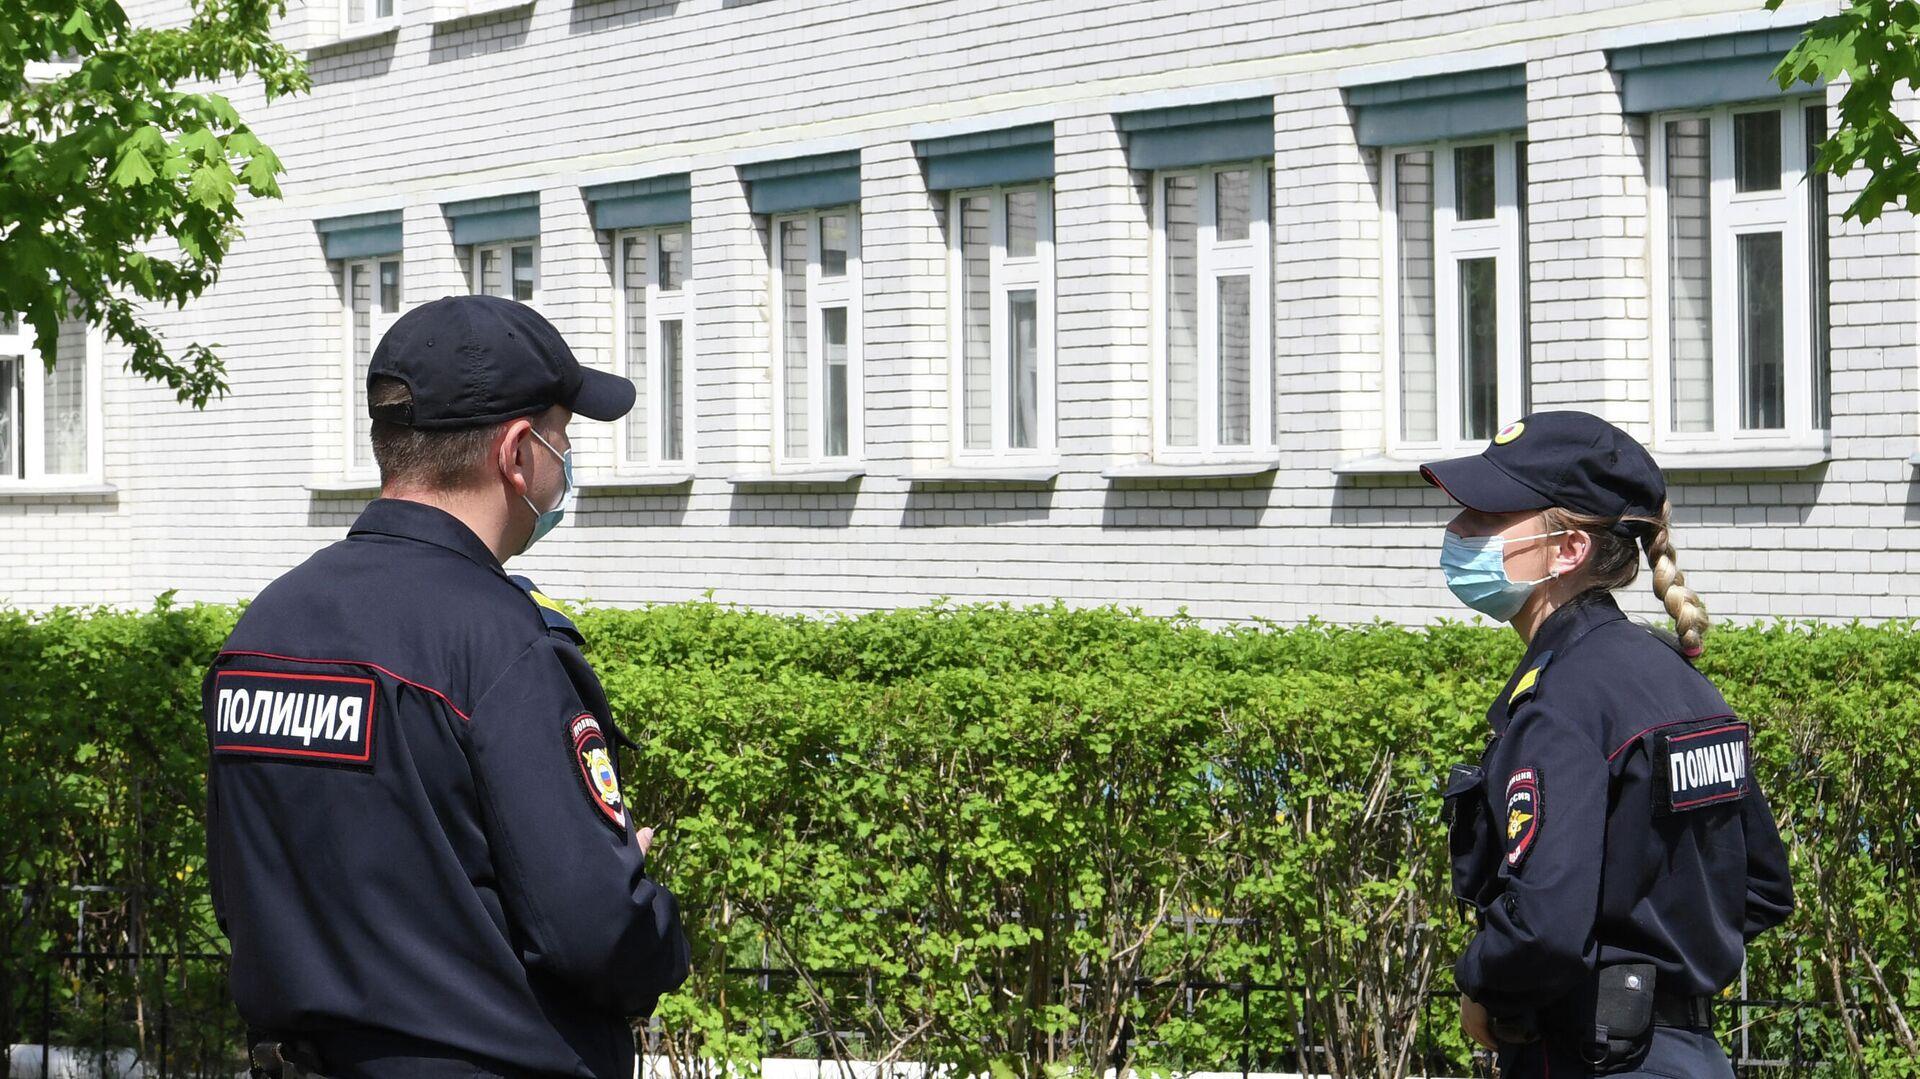 Сотрудники правоохранительных органов у здания школы - РИА Новости, 1920, 20.05.2021